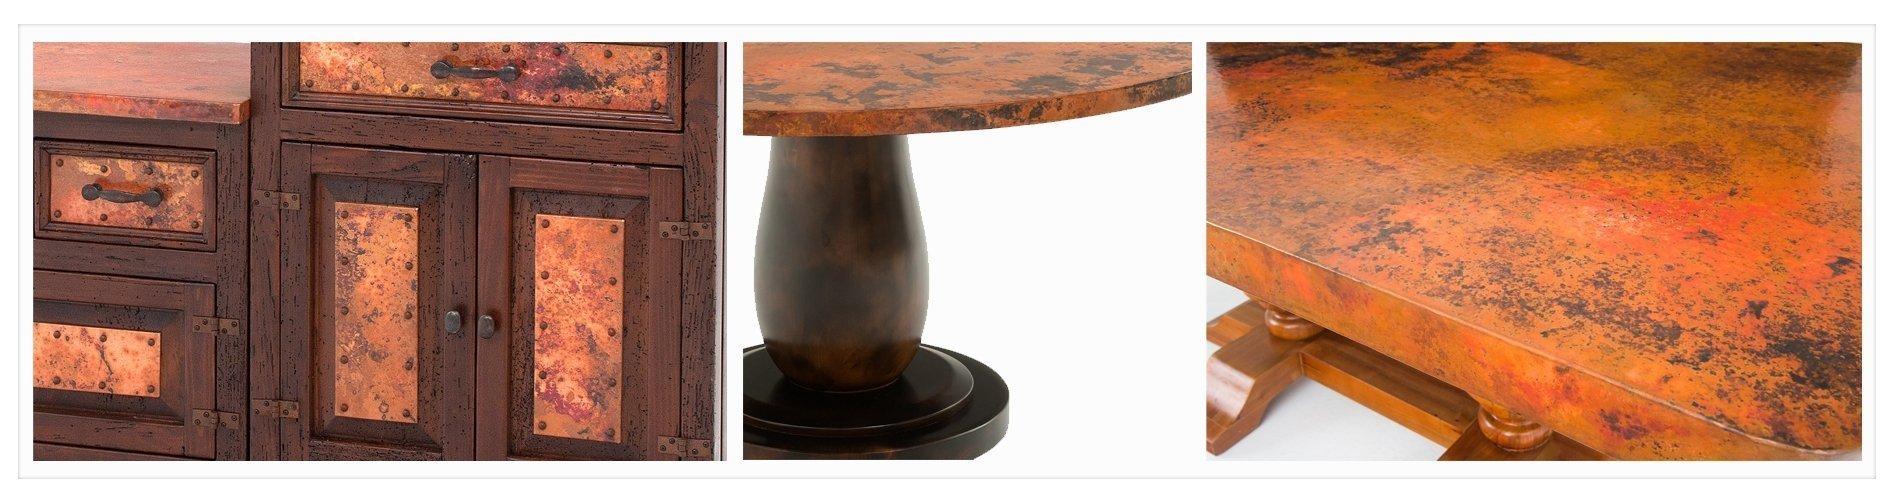 Copper Details Page Image